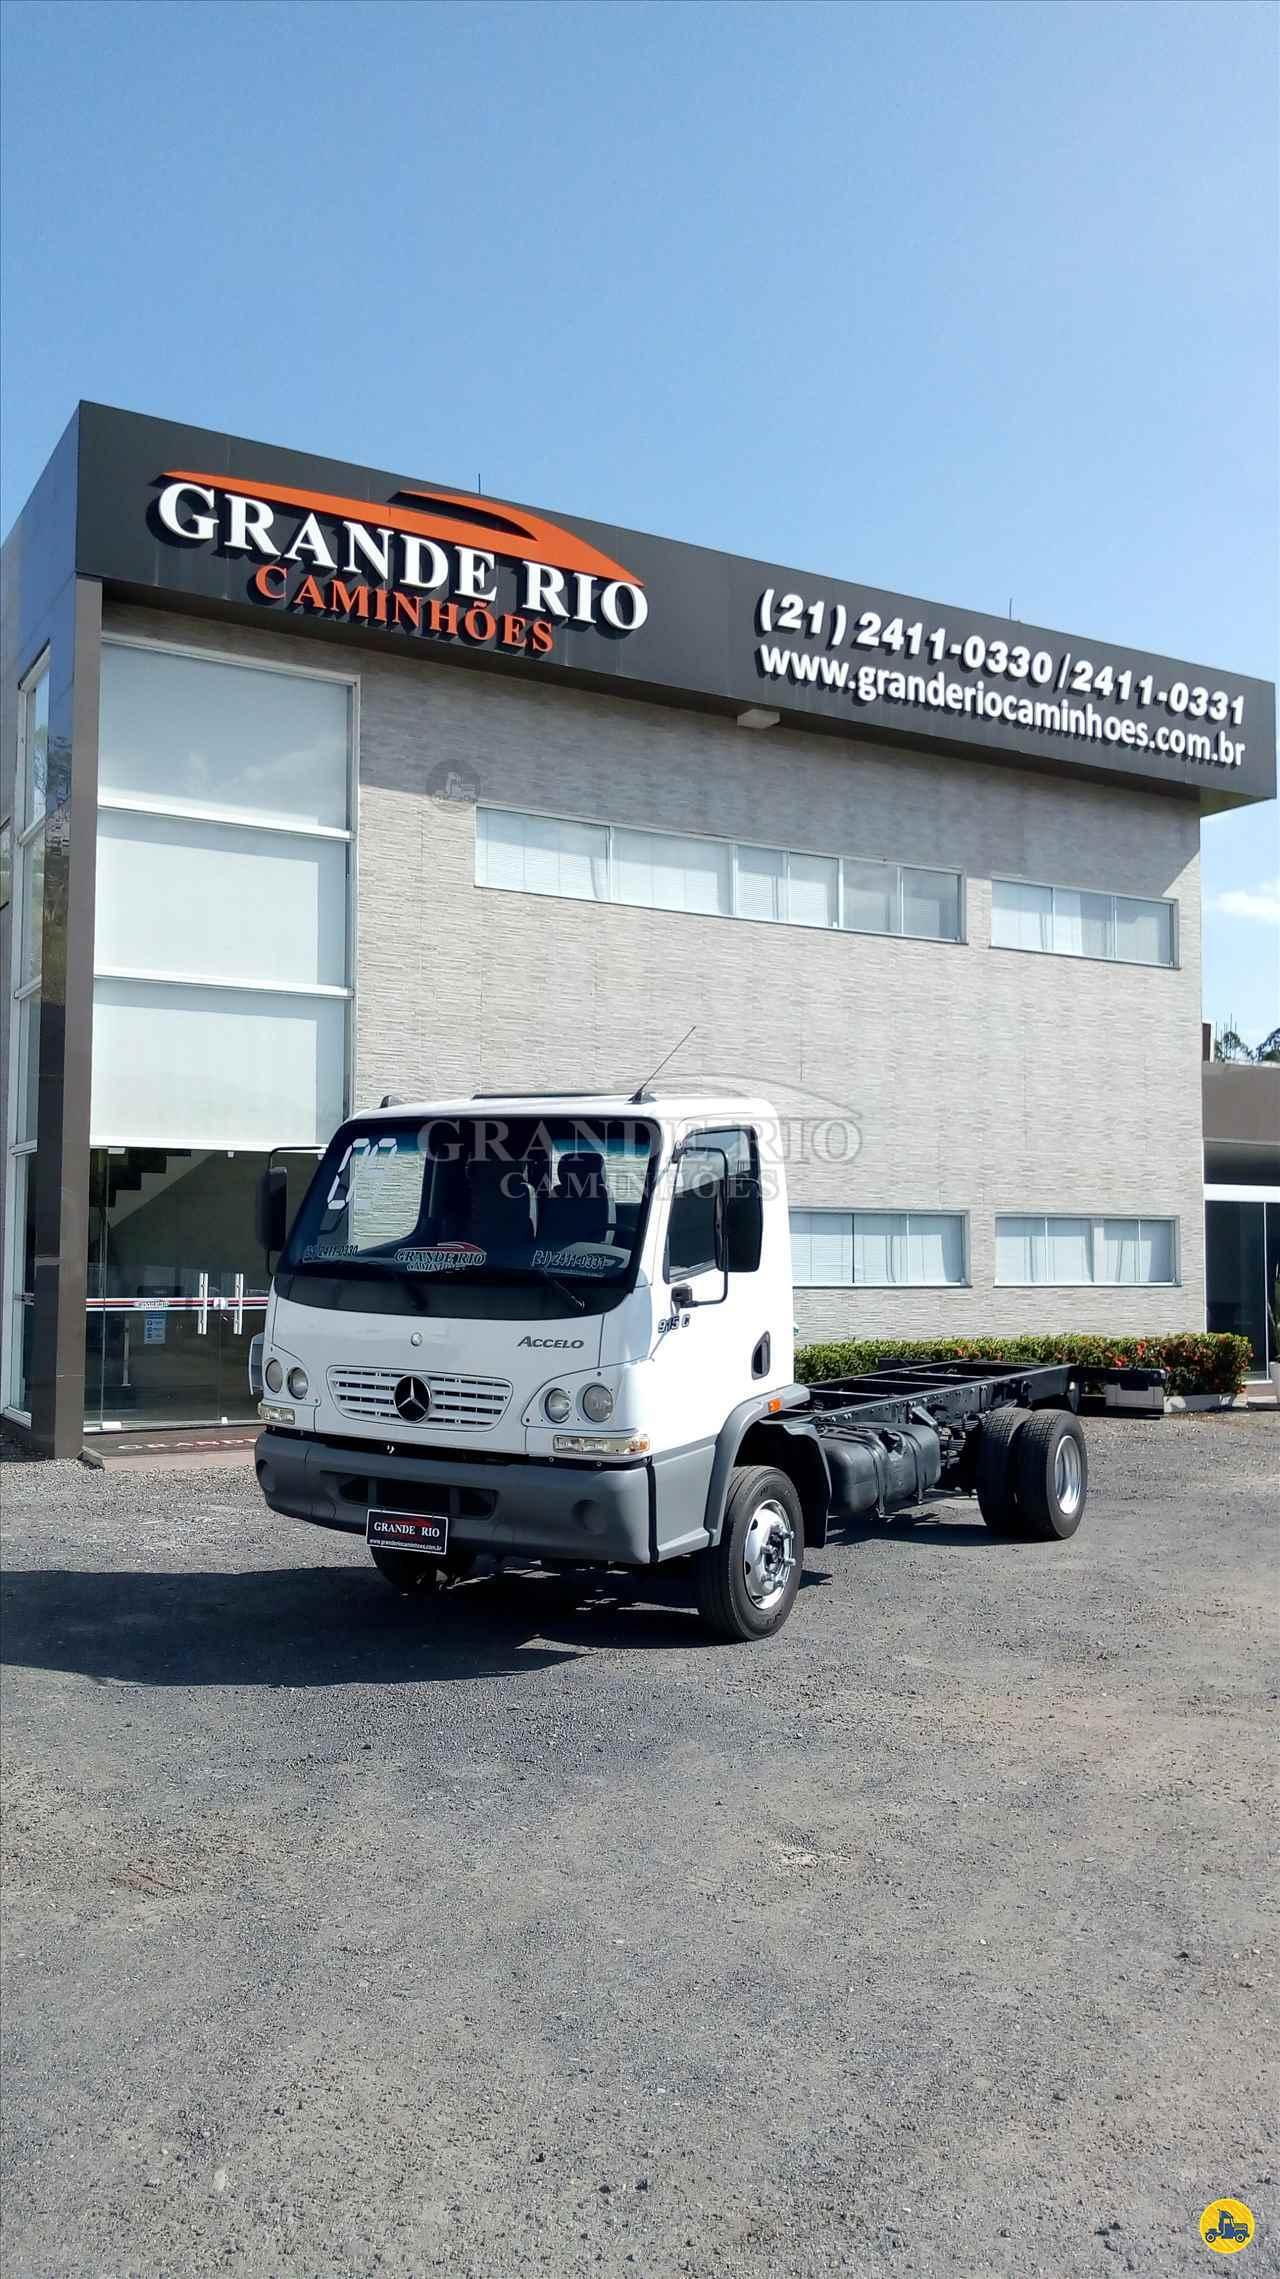 CAMINHAO MERCEDES-BENZ MB 915 Gaiola de Gás Toco 4x2 Grande Rio Caminhões RIO DE JANEIRO RIO DE JANEIRO RJ